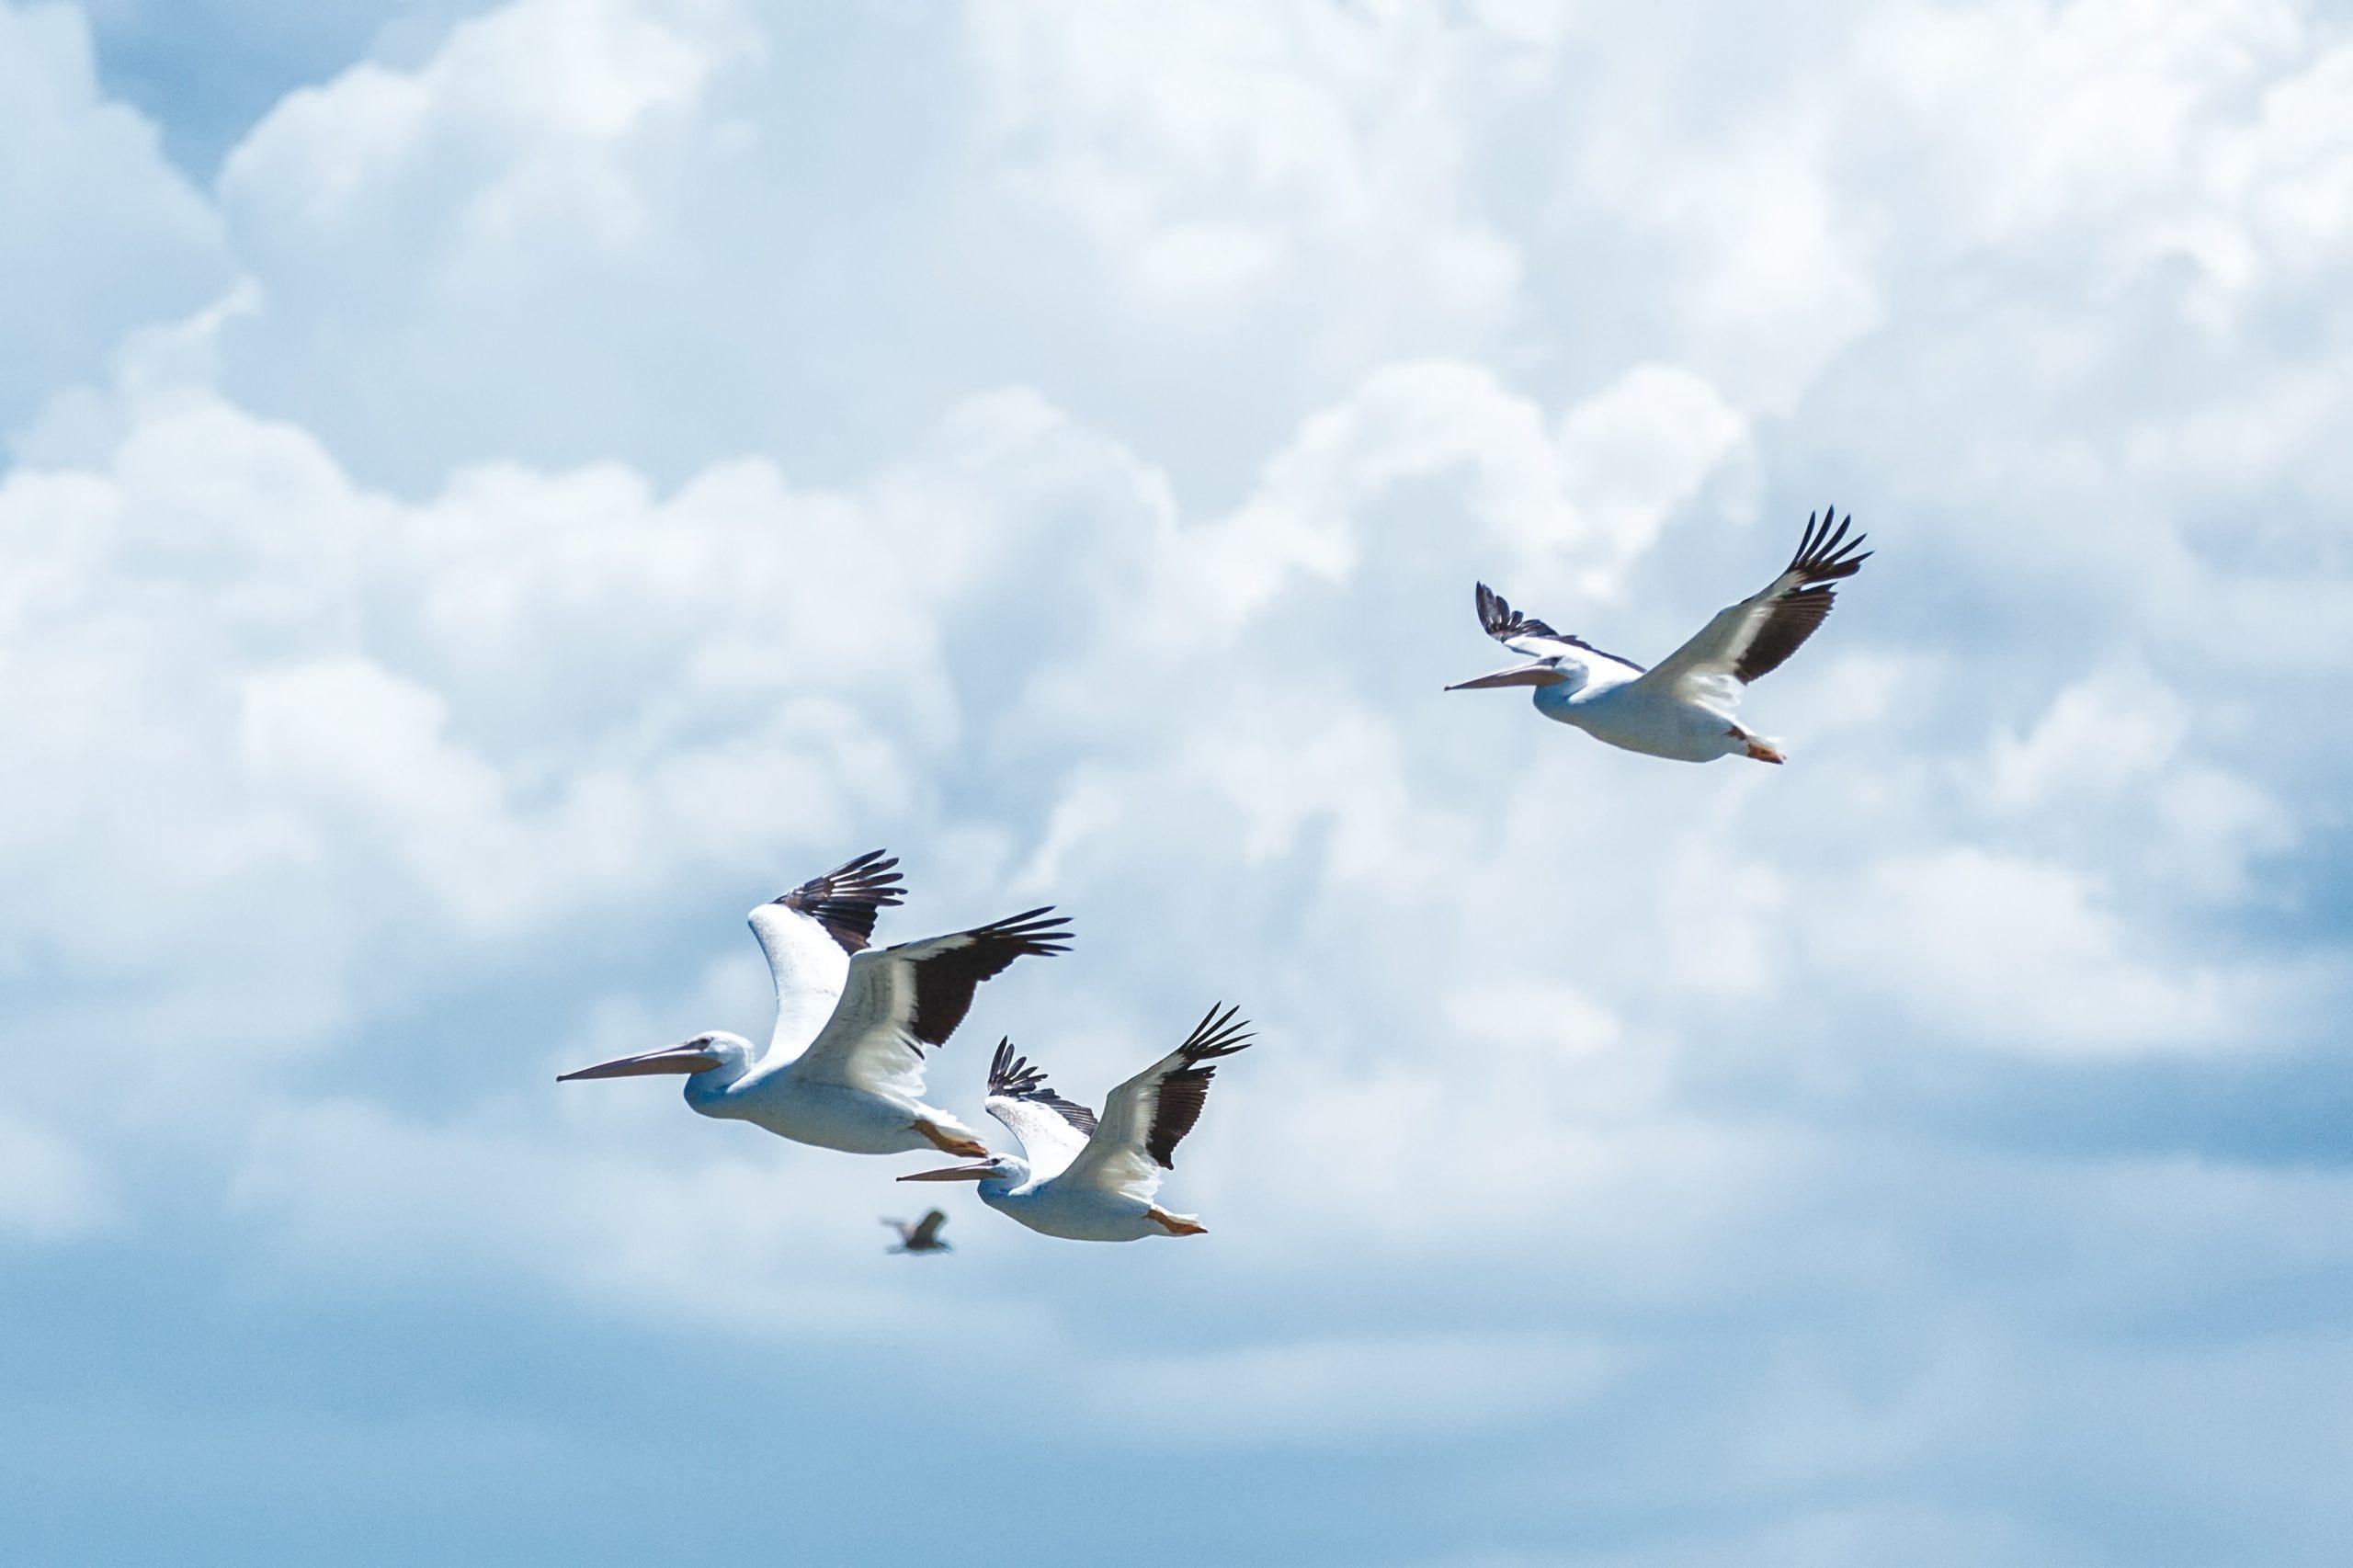 Sự hài hòa giữa Trời và Đất – giải pháp tỷ đô và còn bảo vệ các loài chim